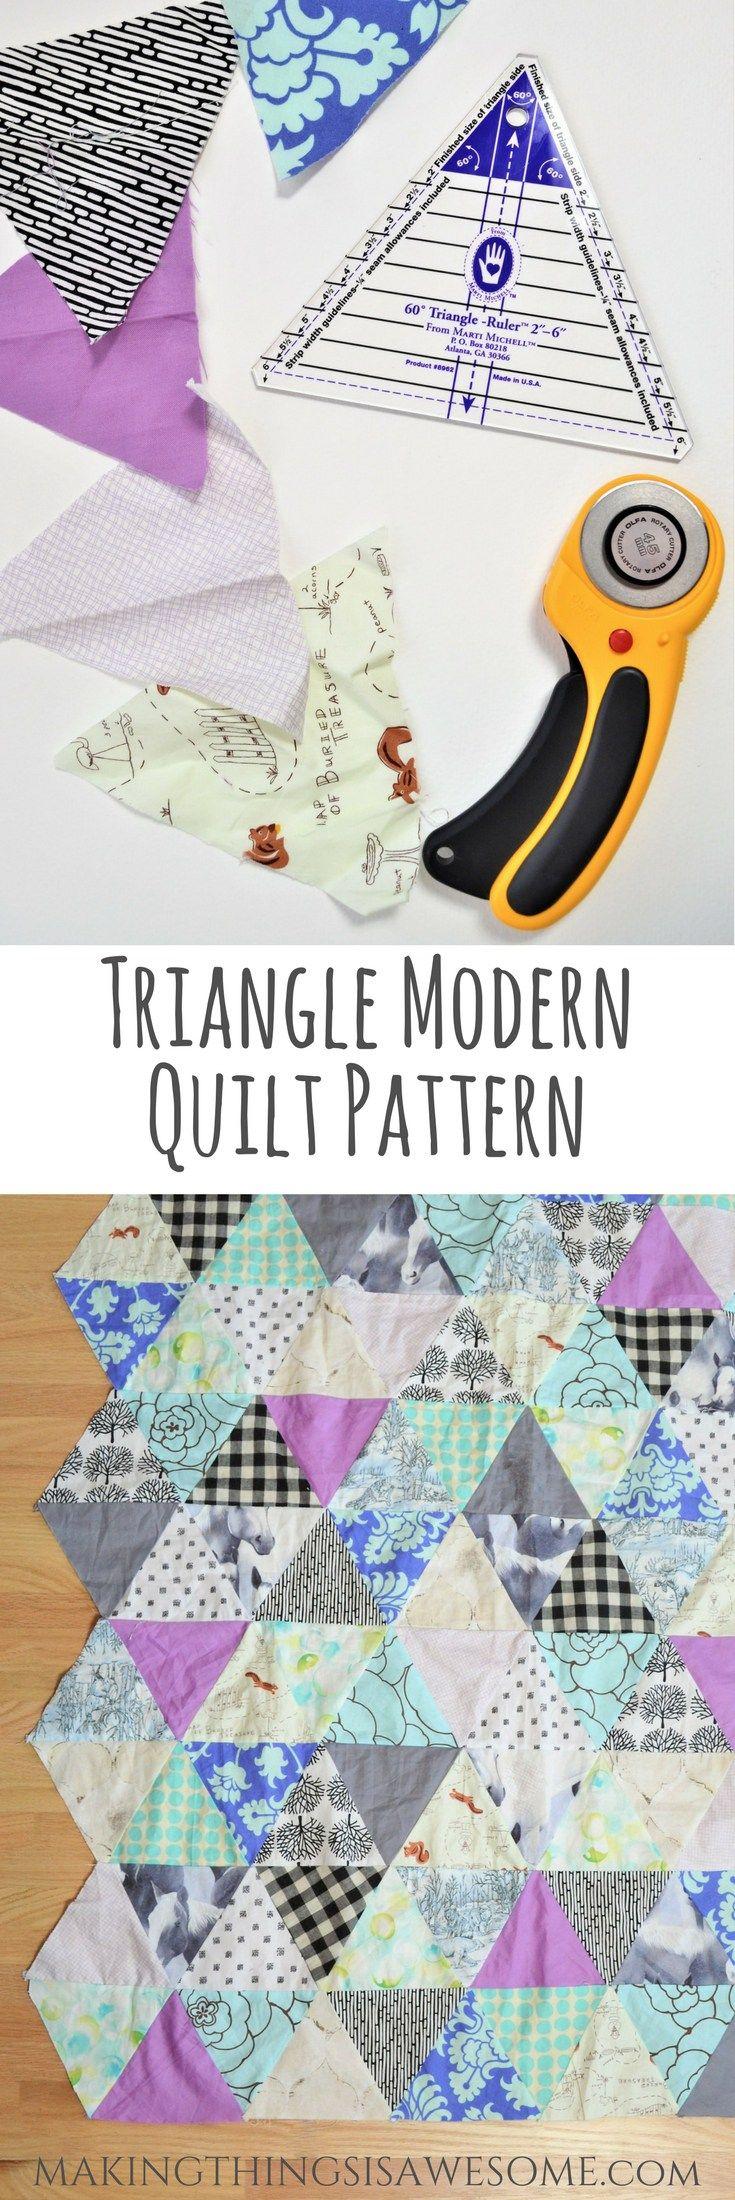 86 besten Quilting, Quilt, English Paper Piecing Bilder auf ...